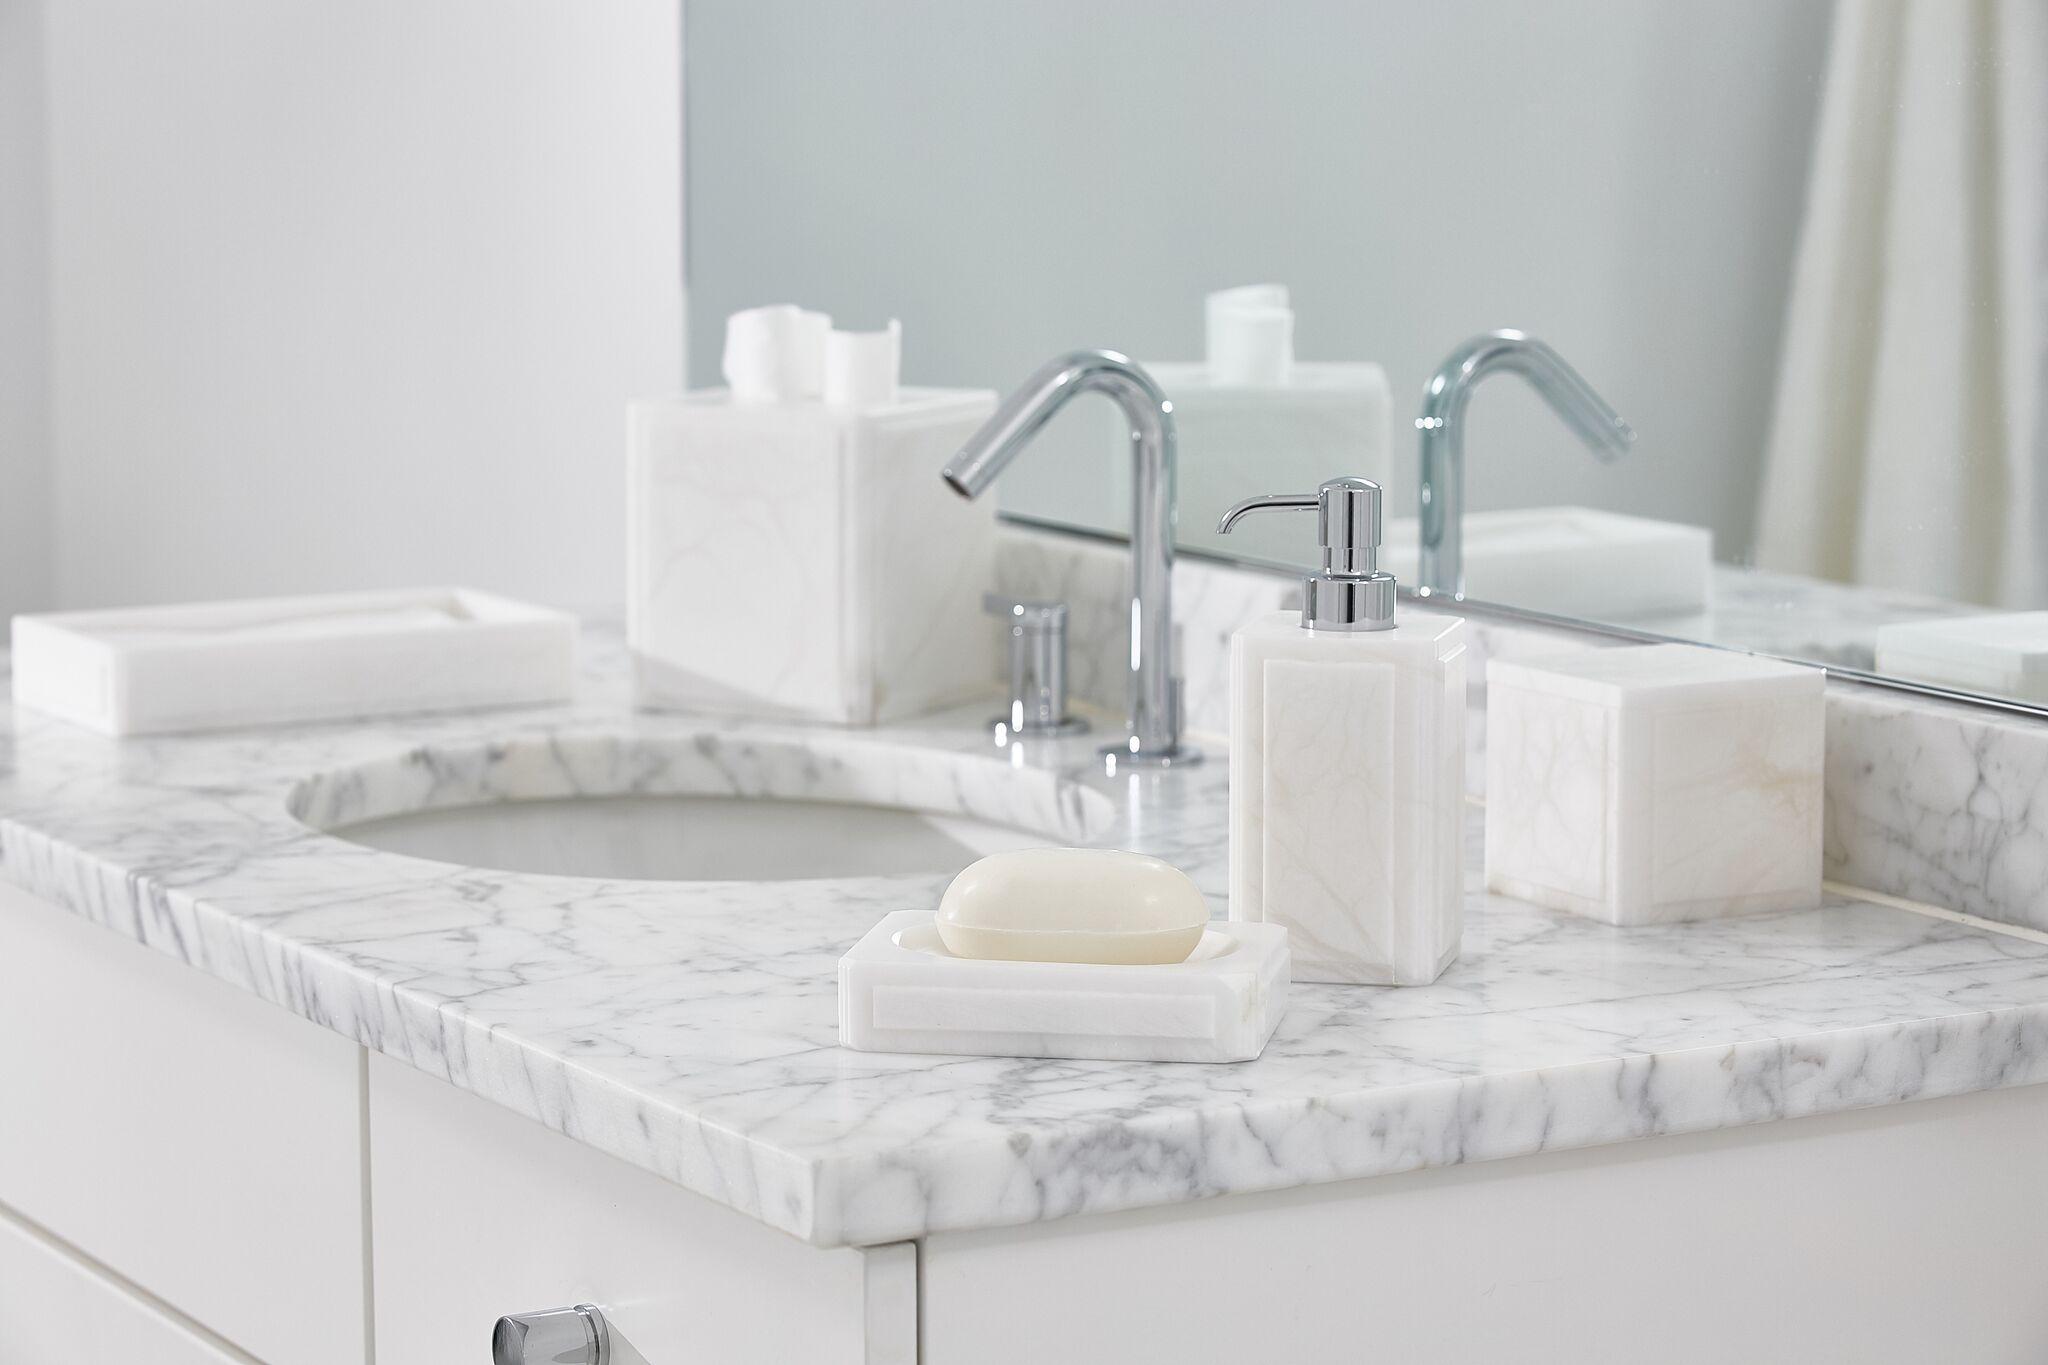 Luxury Bath Accessories Claudia #Interiordesigners #Interiordesign #Bath #Bathroom #Bathaccessories